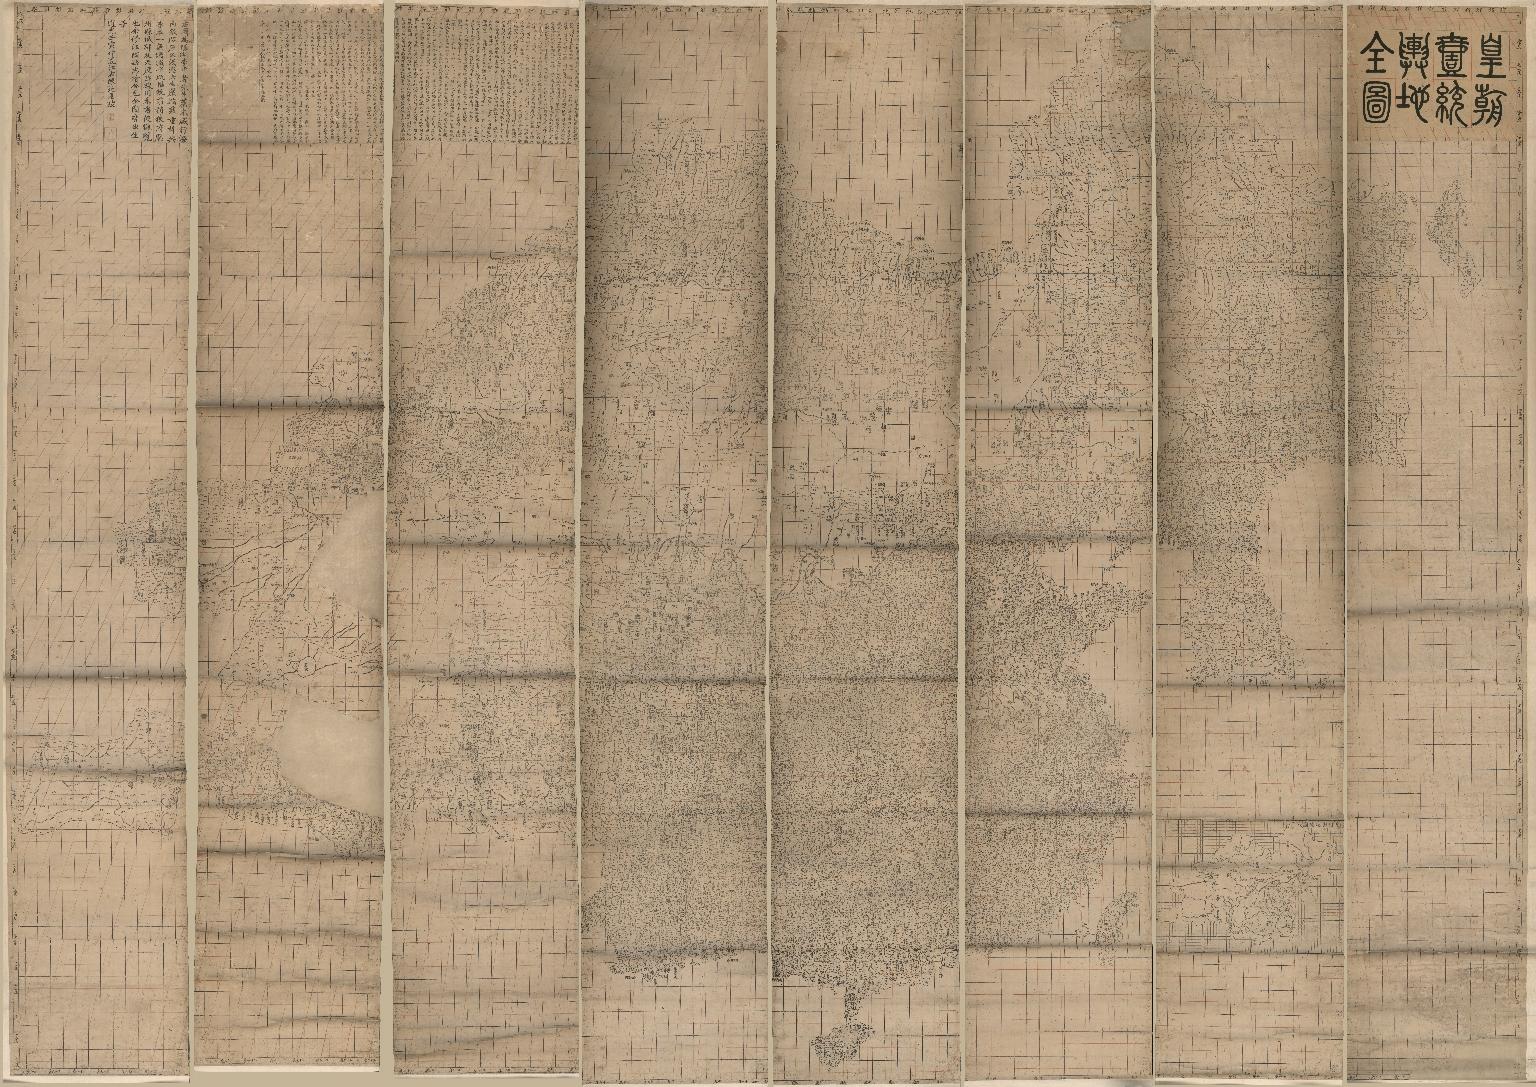 皇朝一統與地全圖 = Qing Empire's complete map of all under heaven